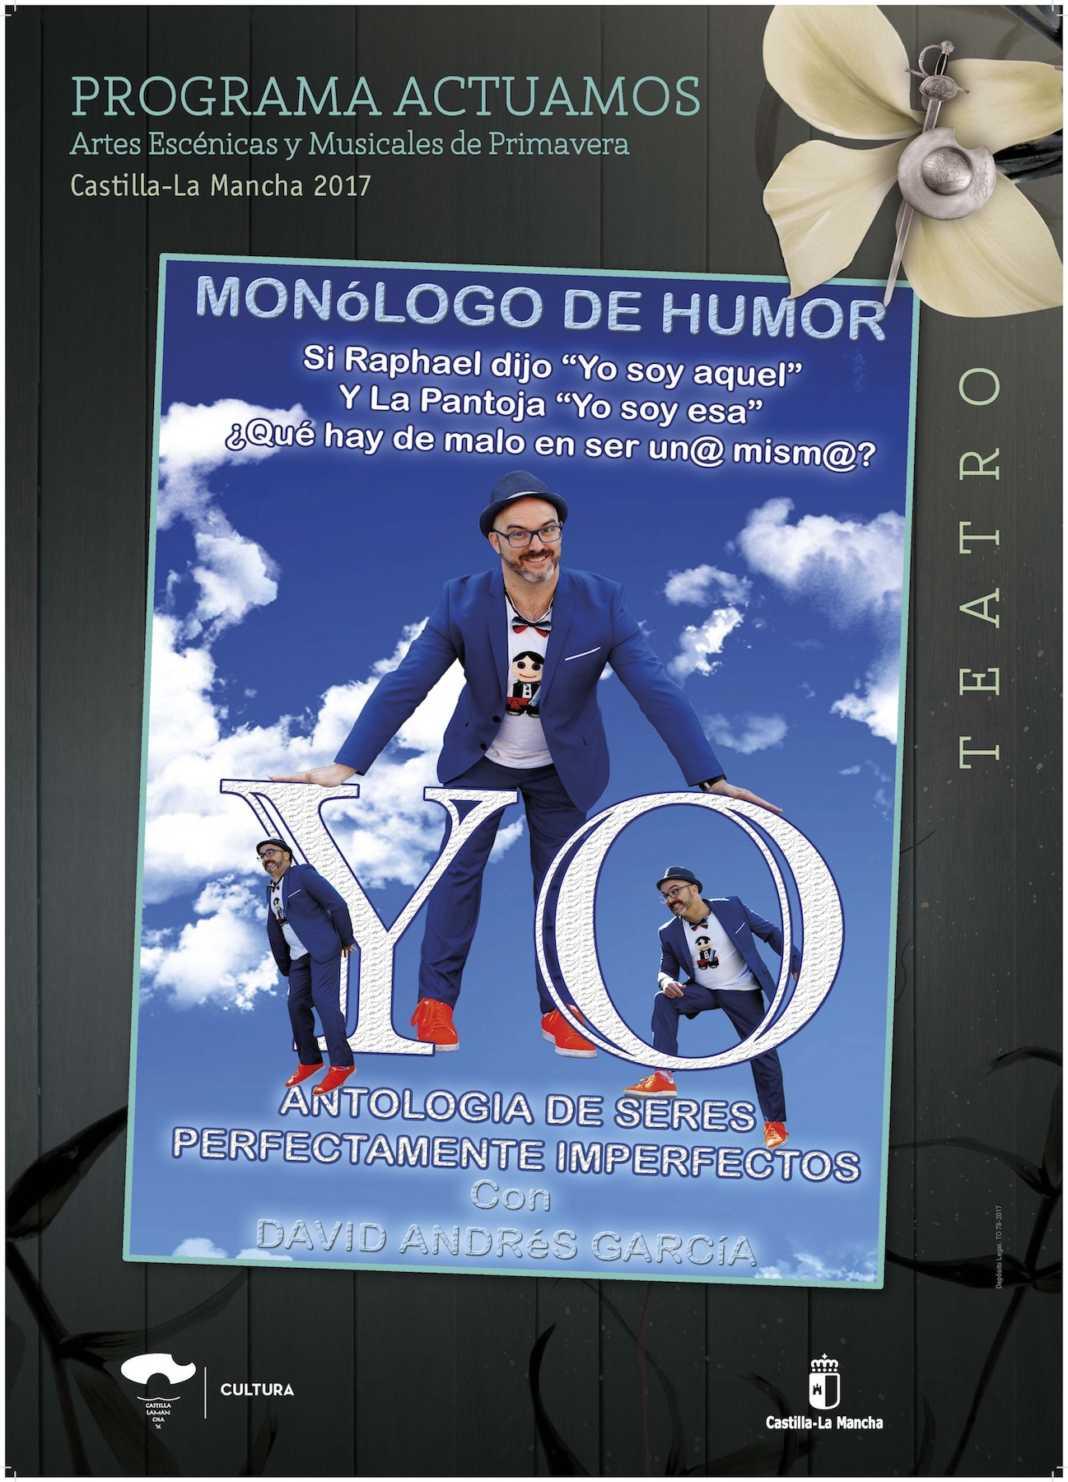 seres perfectamente imperfectos herencia 1068x1482 - Monologo de humor con David Andrés García en Herencia